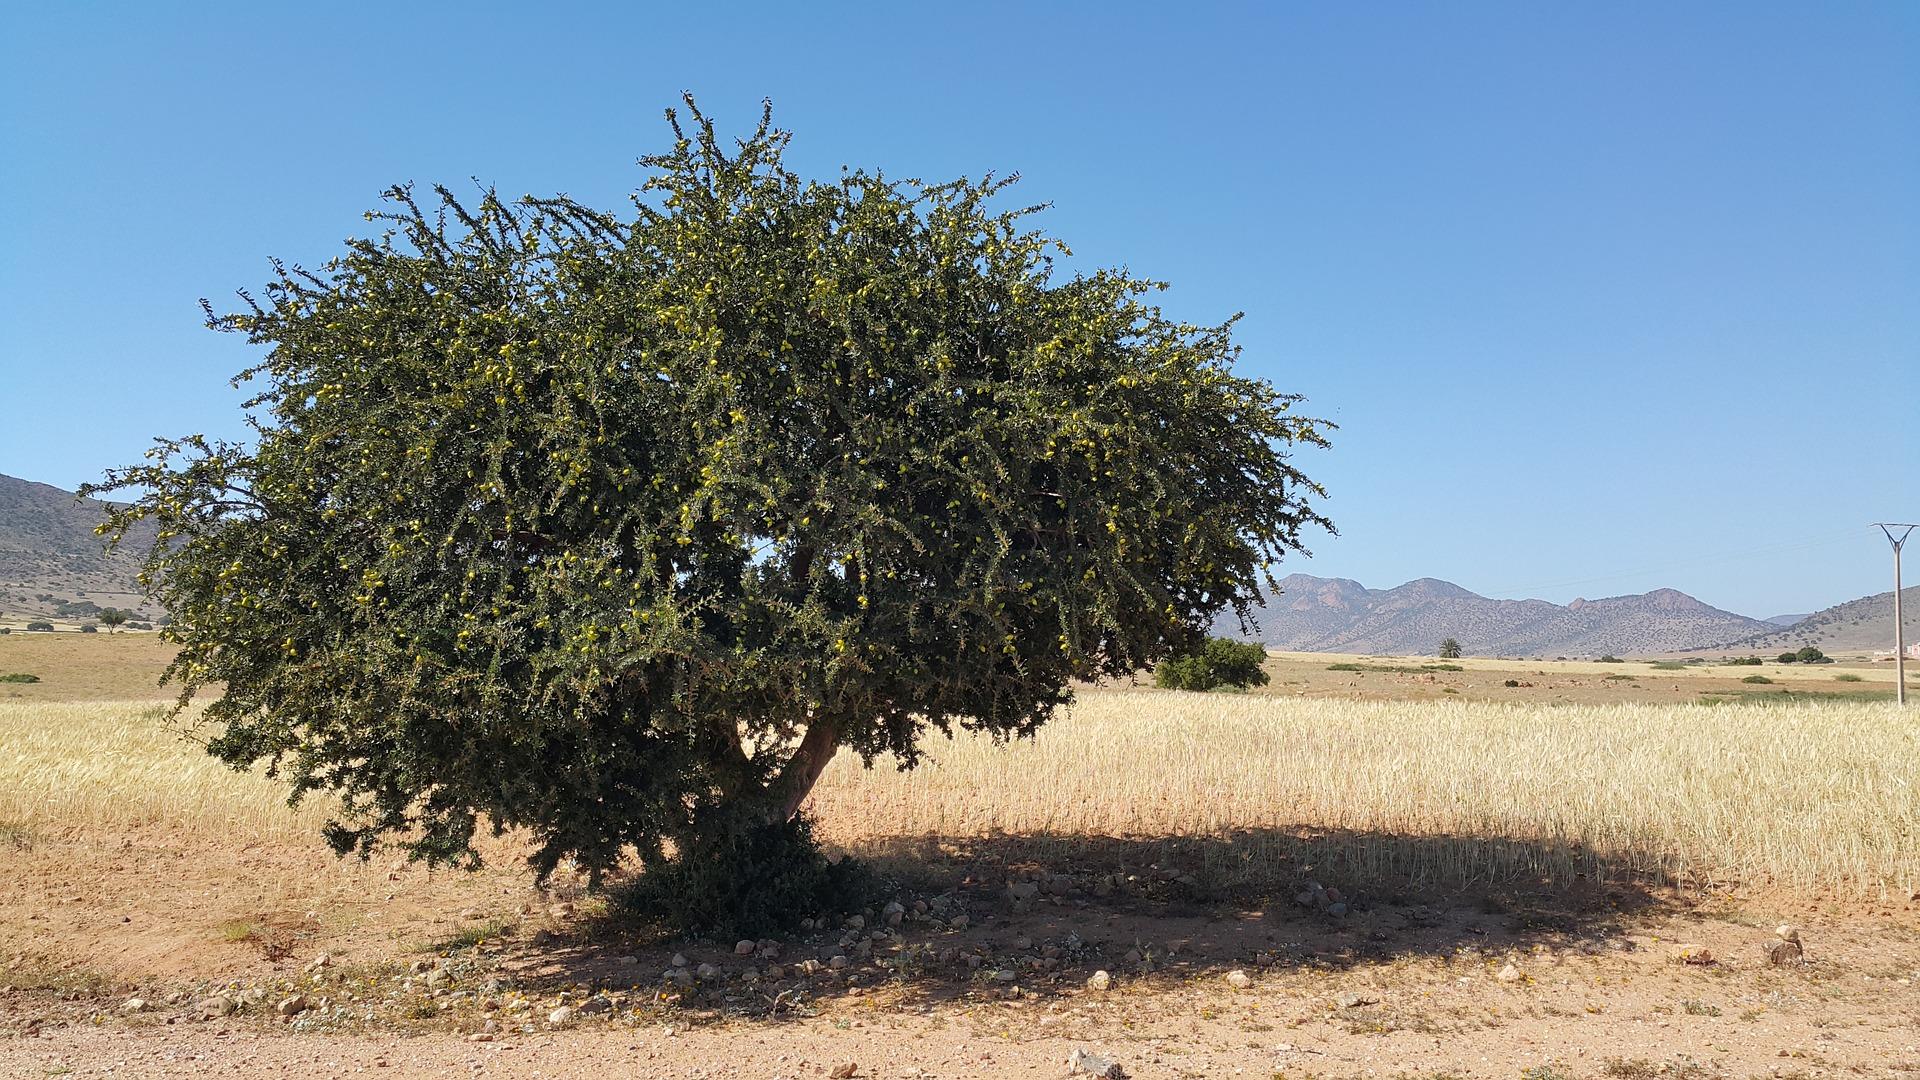 Arganöl – das flüssige Gold Marokkos